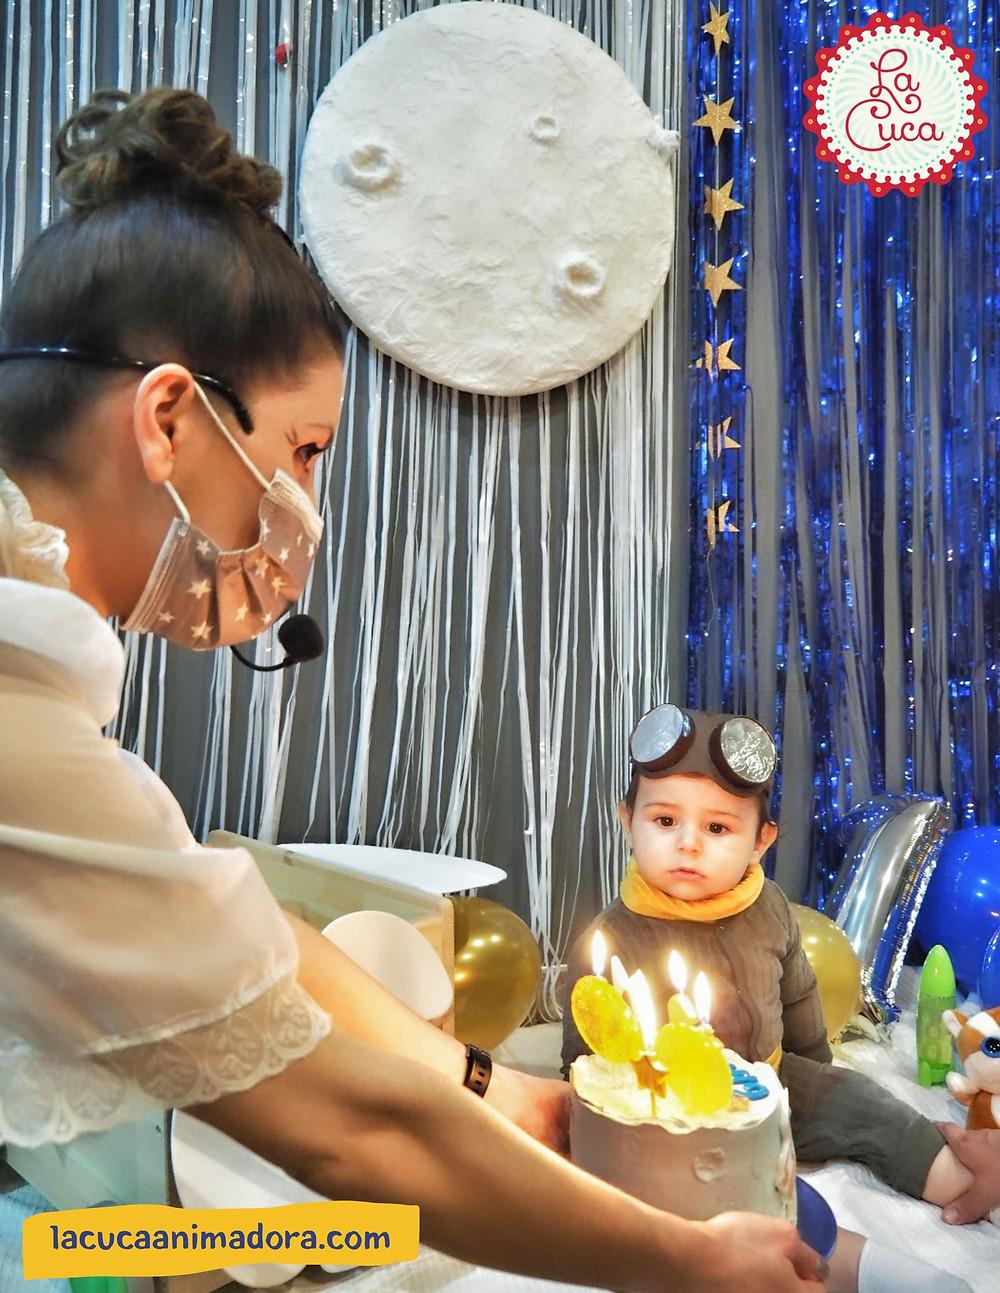 animaciones infantiles badalona, animación de fiestas infantiles, party planner barcelona, animadora infantil, payasos barcelona, contratar animación infantil, animadores de cumpleaños, payasos a domicilio, princesas a domicilio, animació infantil, magos para comuniones, magos para cumpleaños, photocall a domicilio, kids party ideas